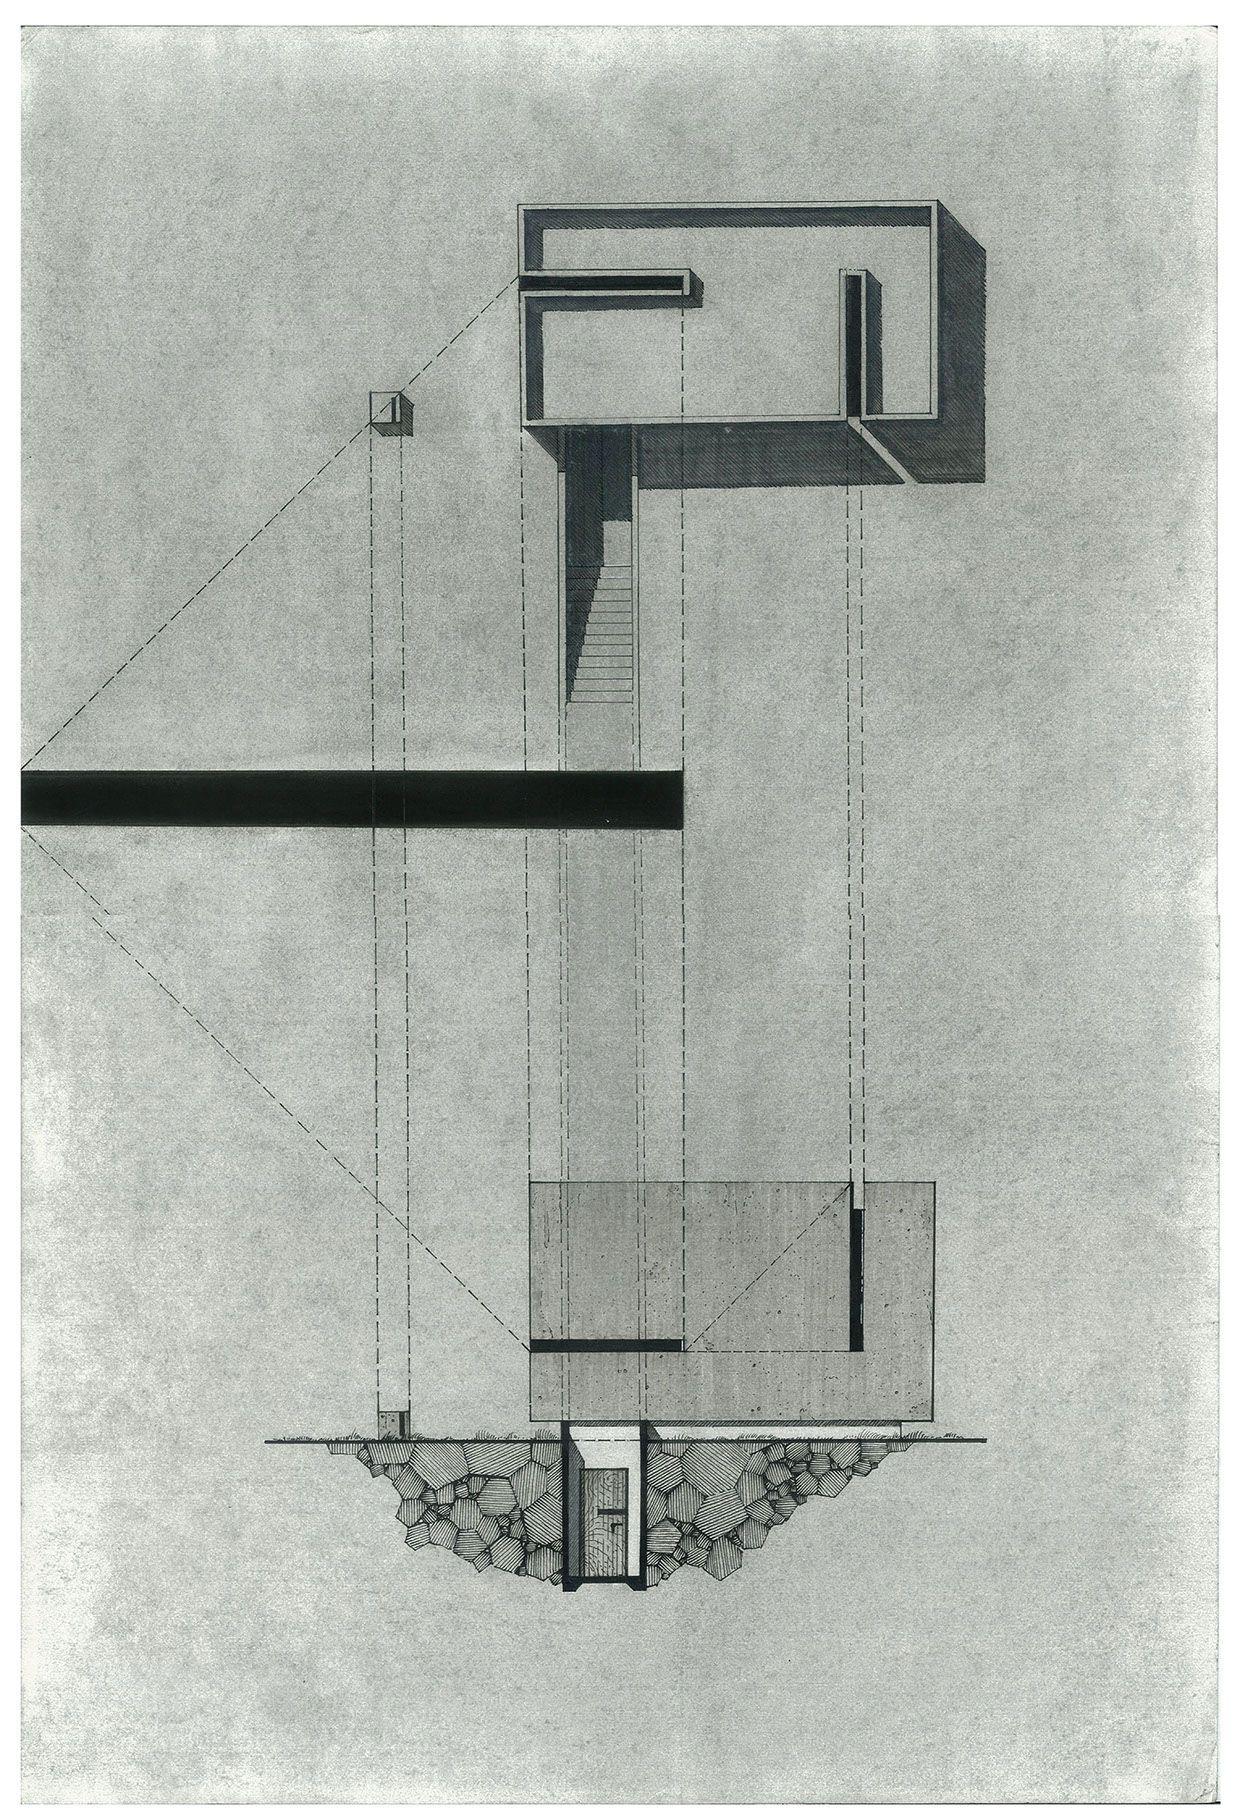 Wolves in Disguise | Architekturdarstellung | Pinterest | Grundrisse ...